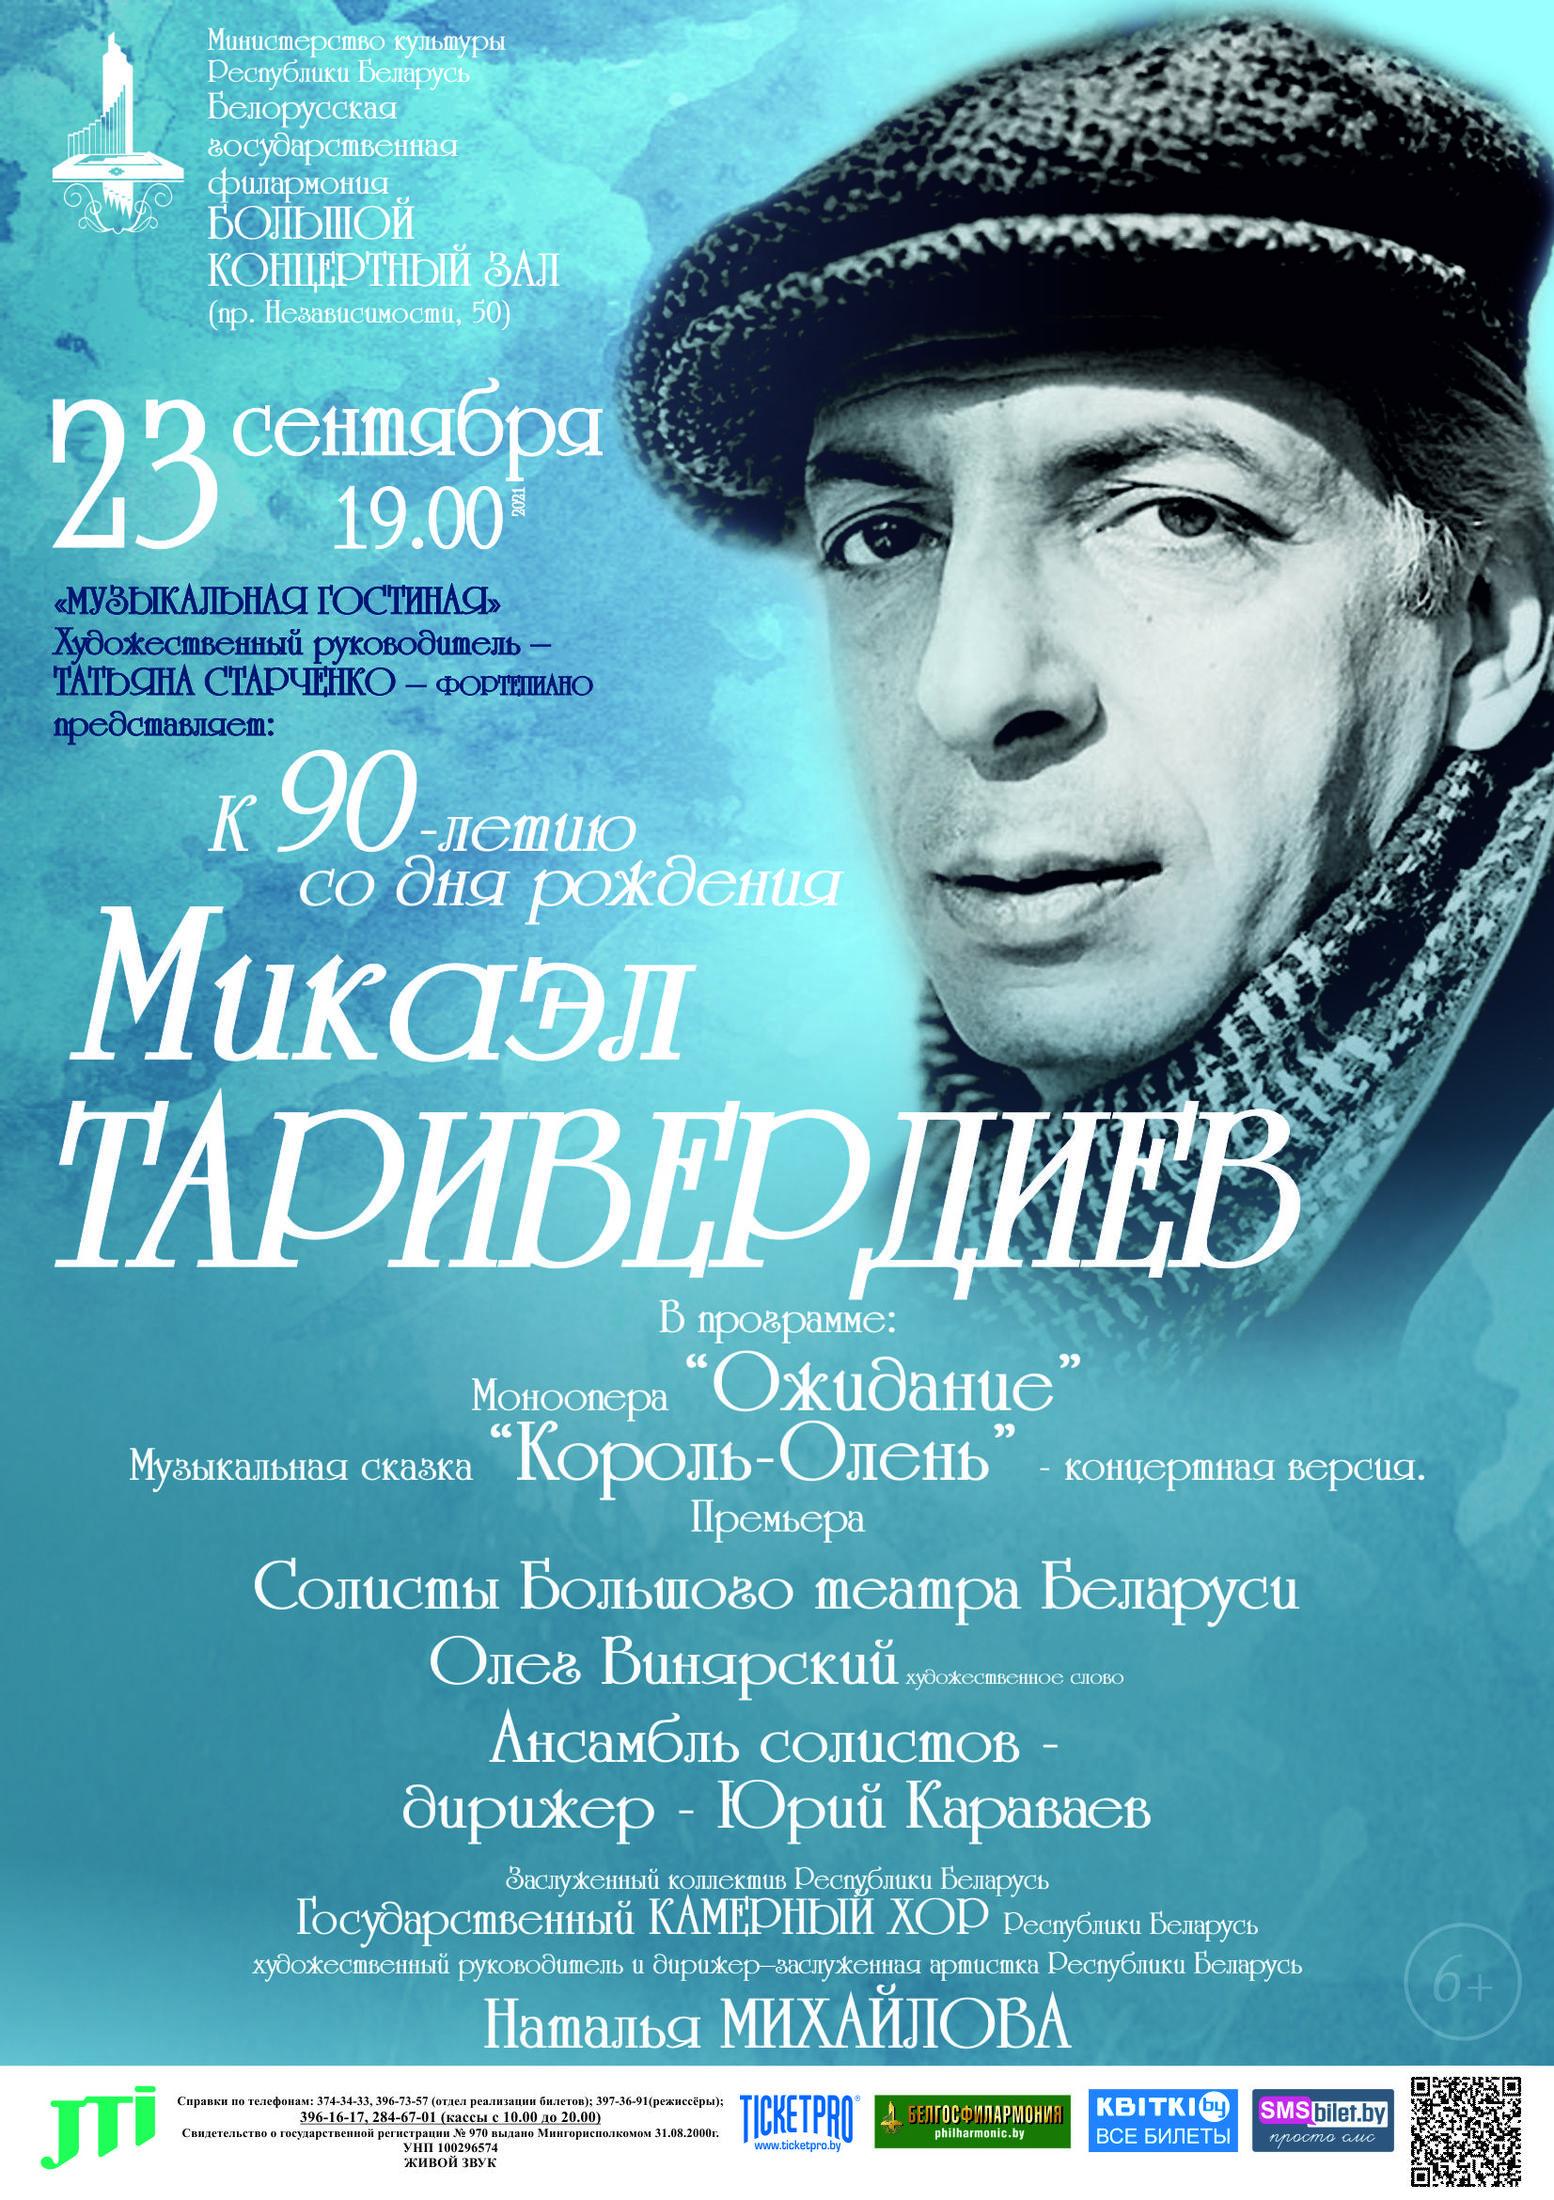 К 90-летию со дня рождения Микаэла Таривердиева @ Белорусская государственная филармония